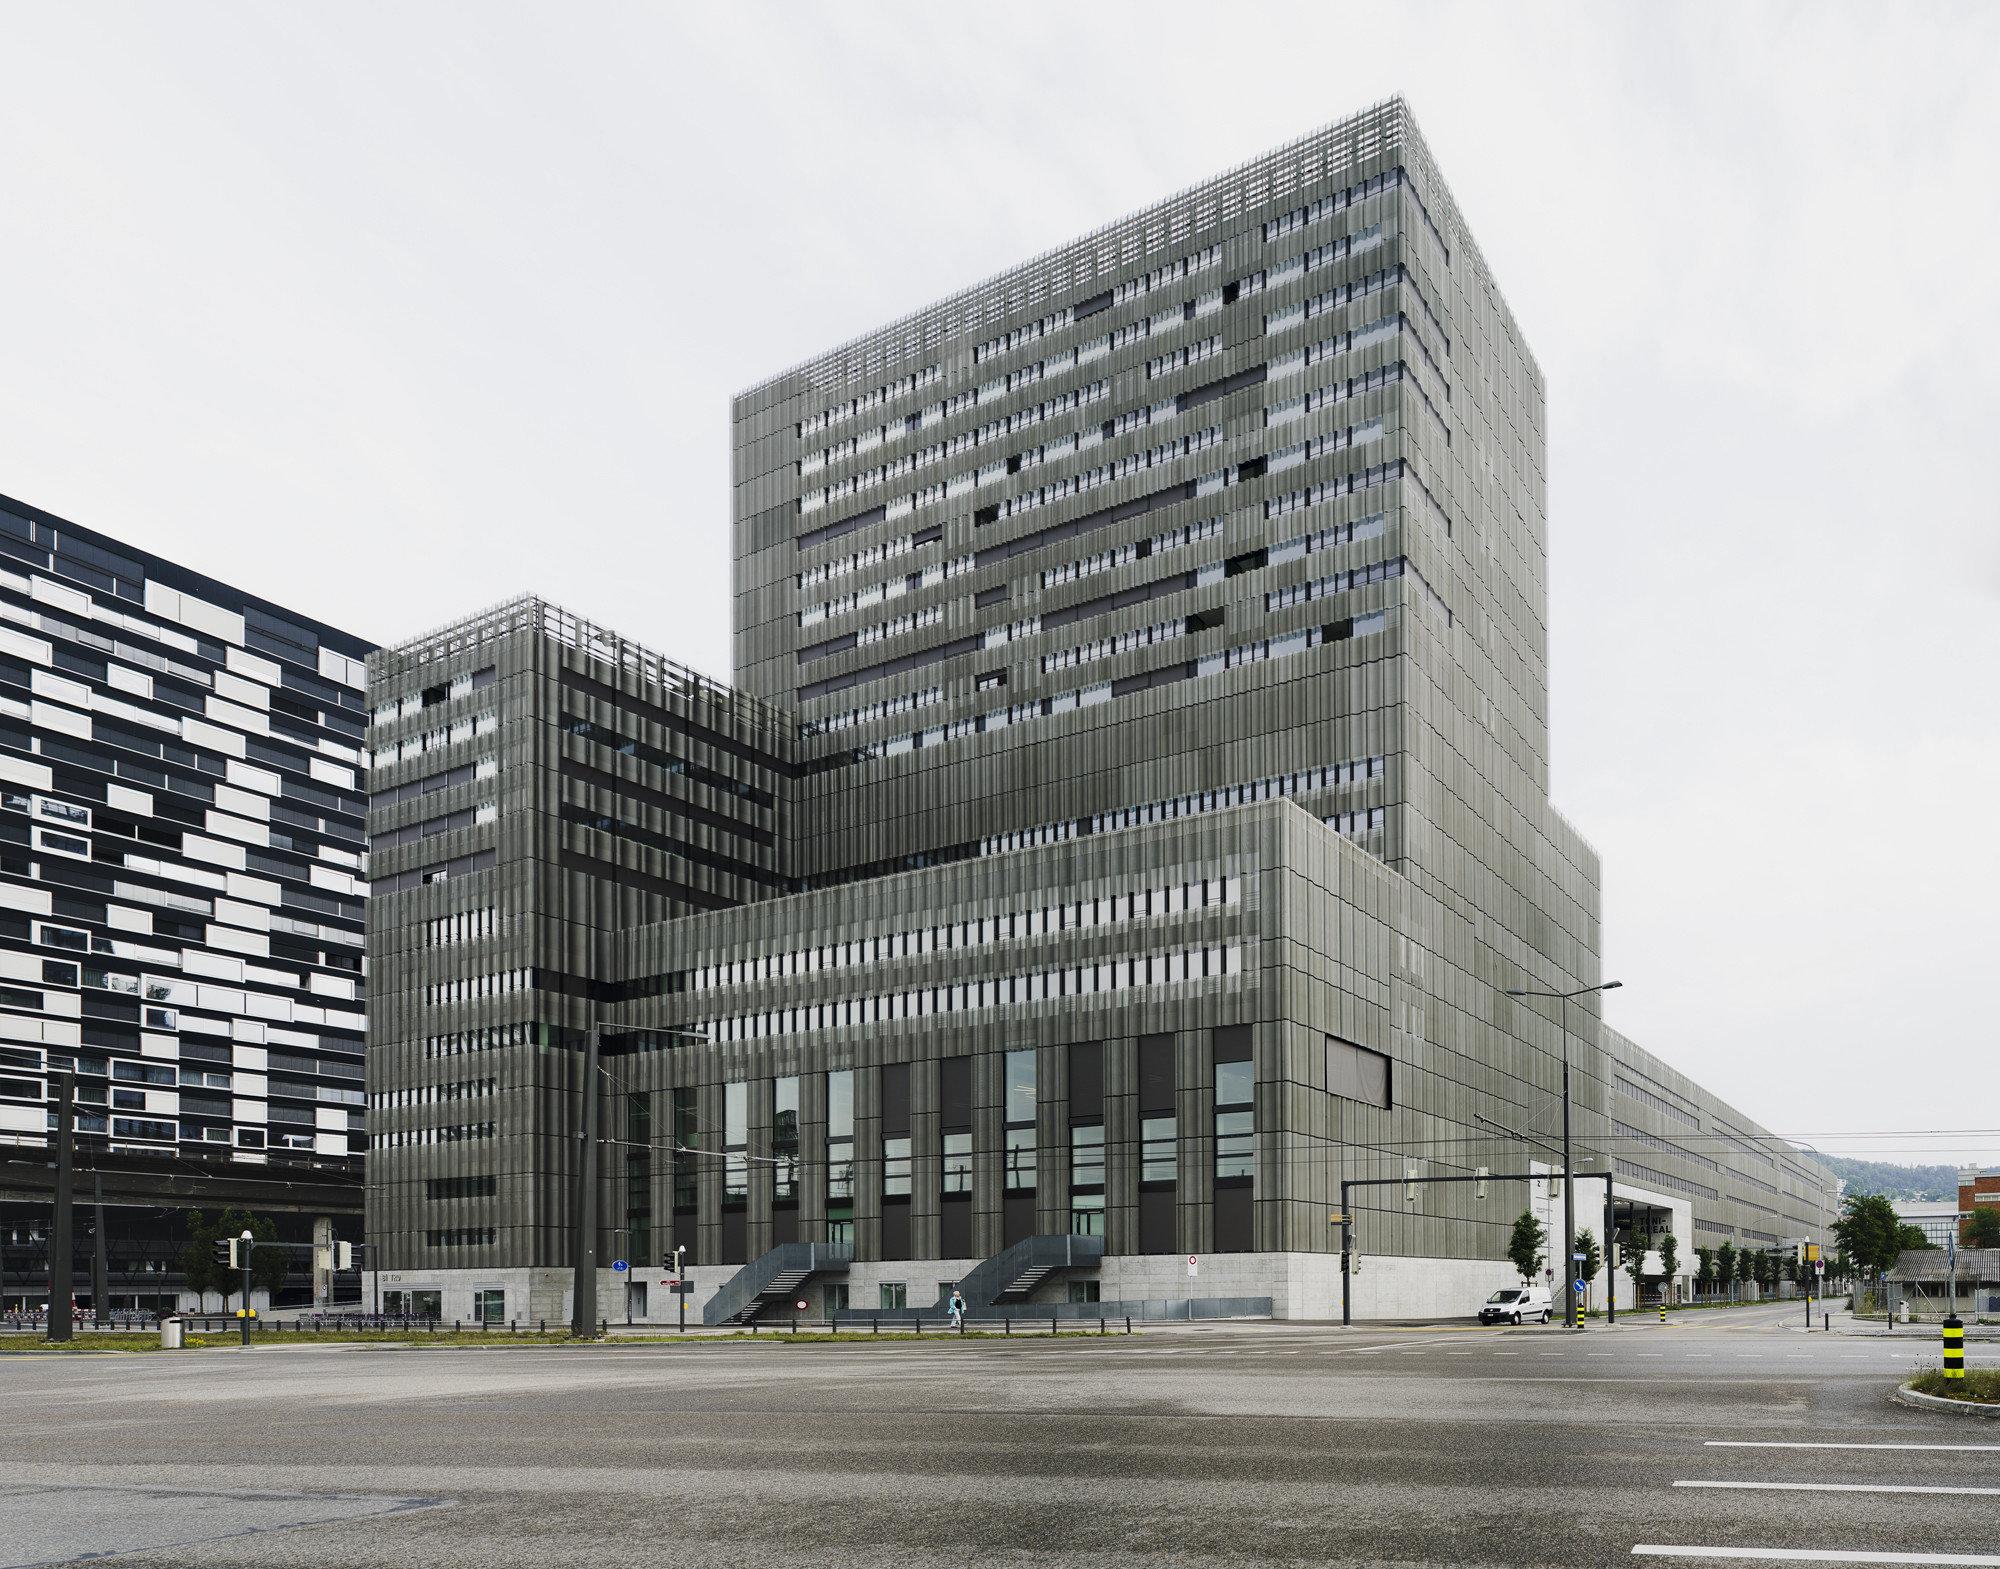 Mehrgeschossiges Gebäude aus Stahlkonstruktion aus unterschiedlich grossen Teilen zusammengesetzt